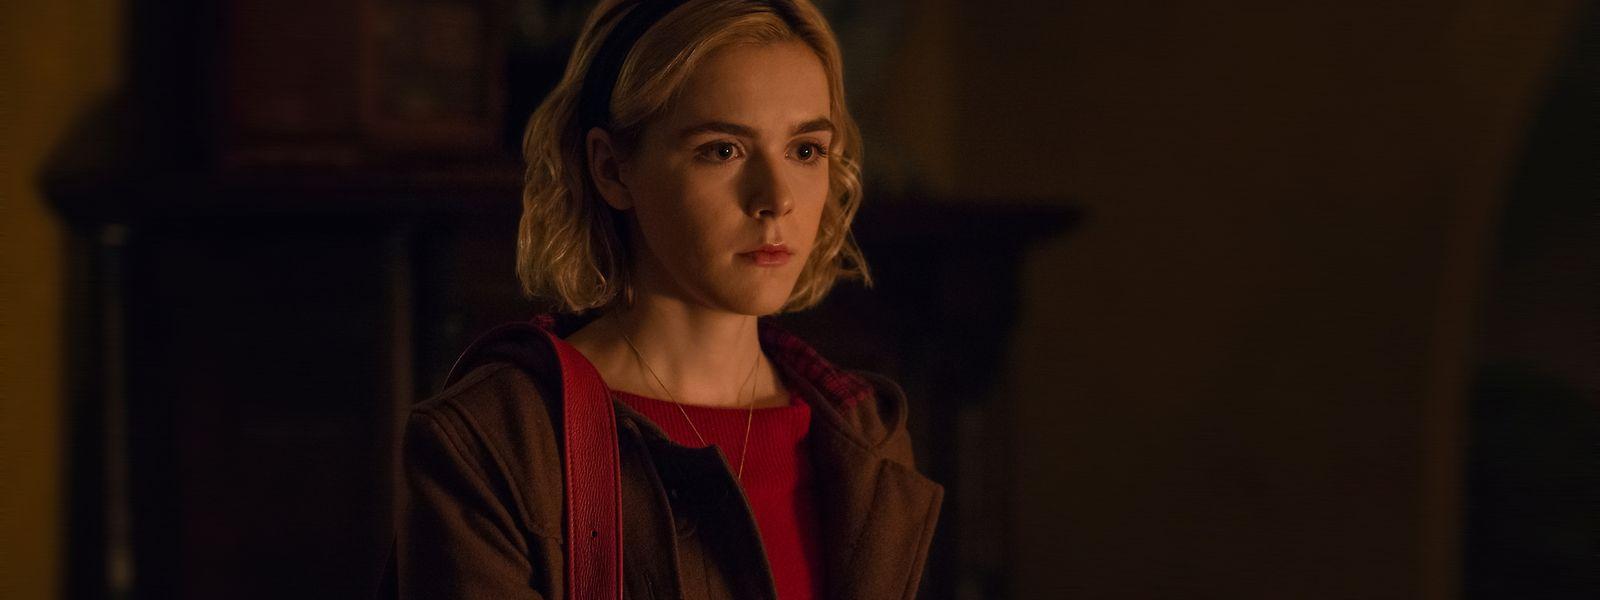 Kiernan Shipka spielt die Rolle der Sabrina Spellman.